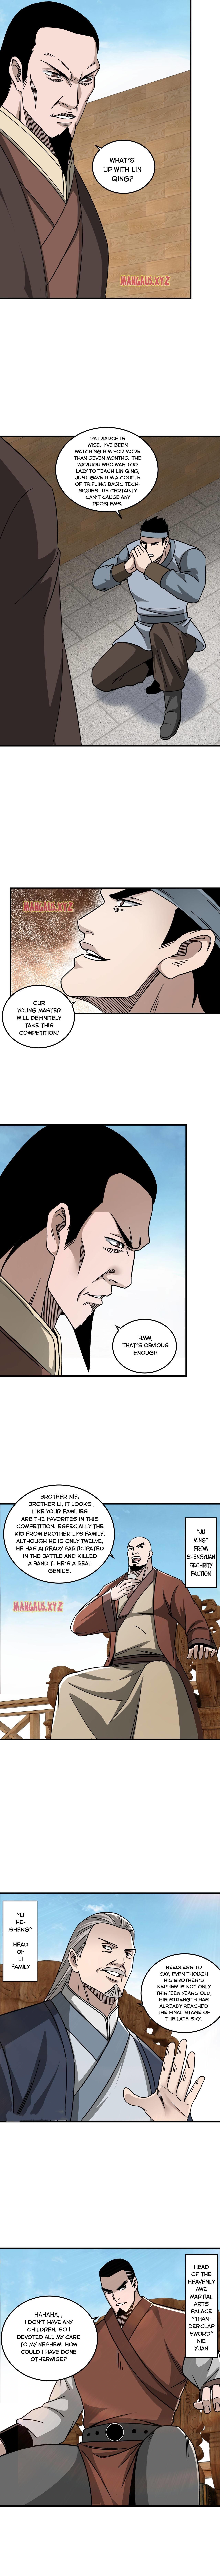 Greatest Boss System Chapter 94 page 6 - Mangakakalots.com